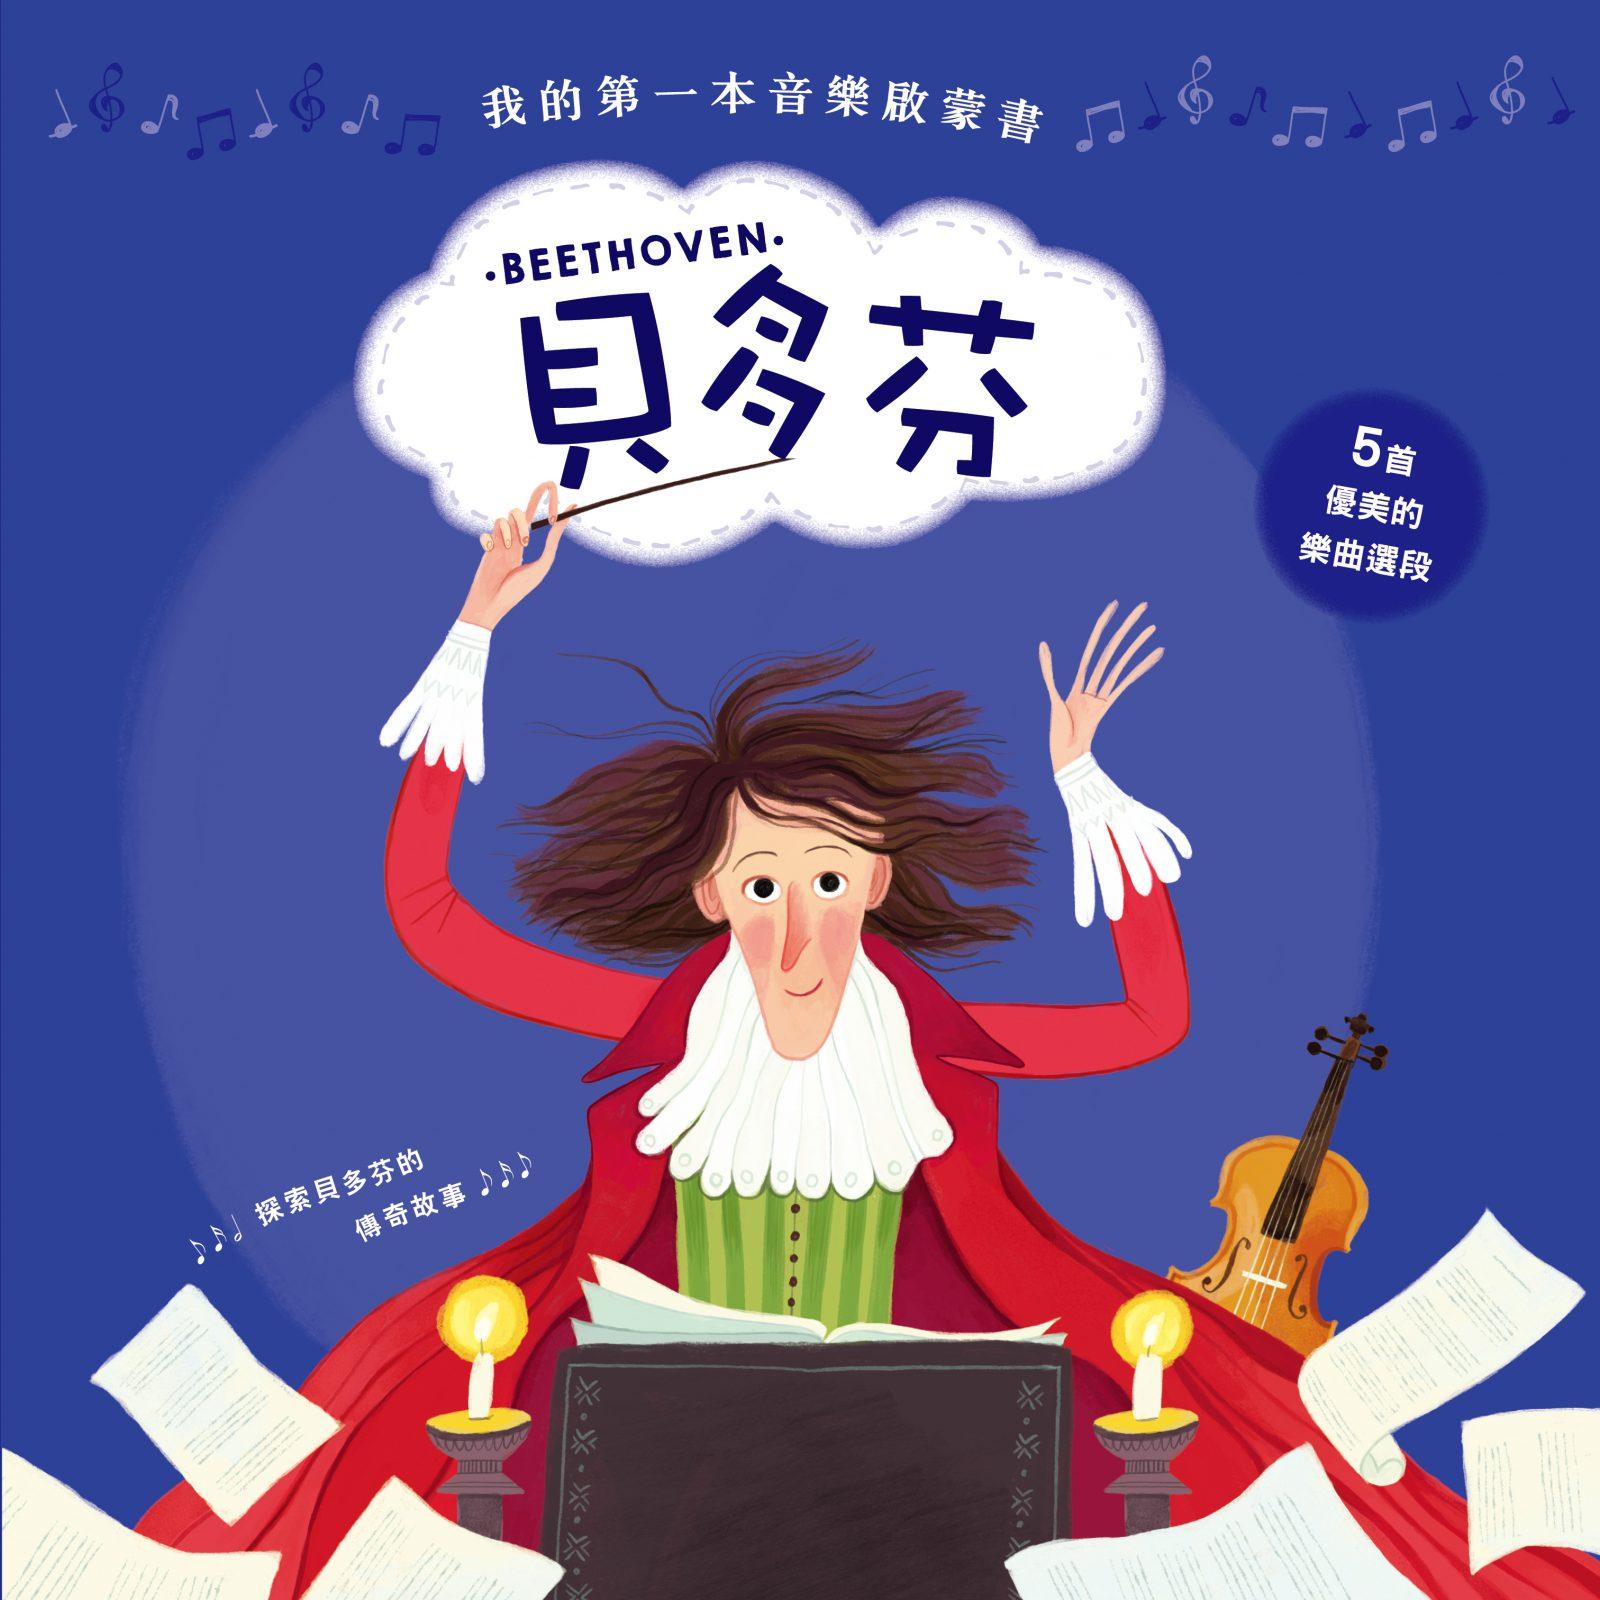 我的第一本音樂啟蒙書──貝多芬